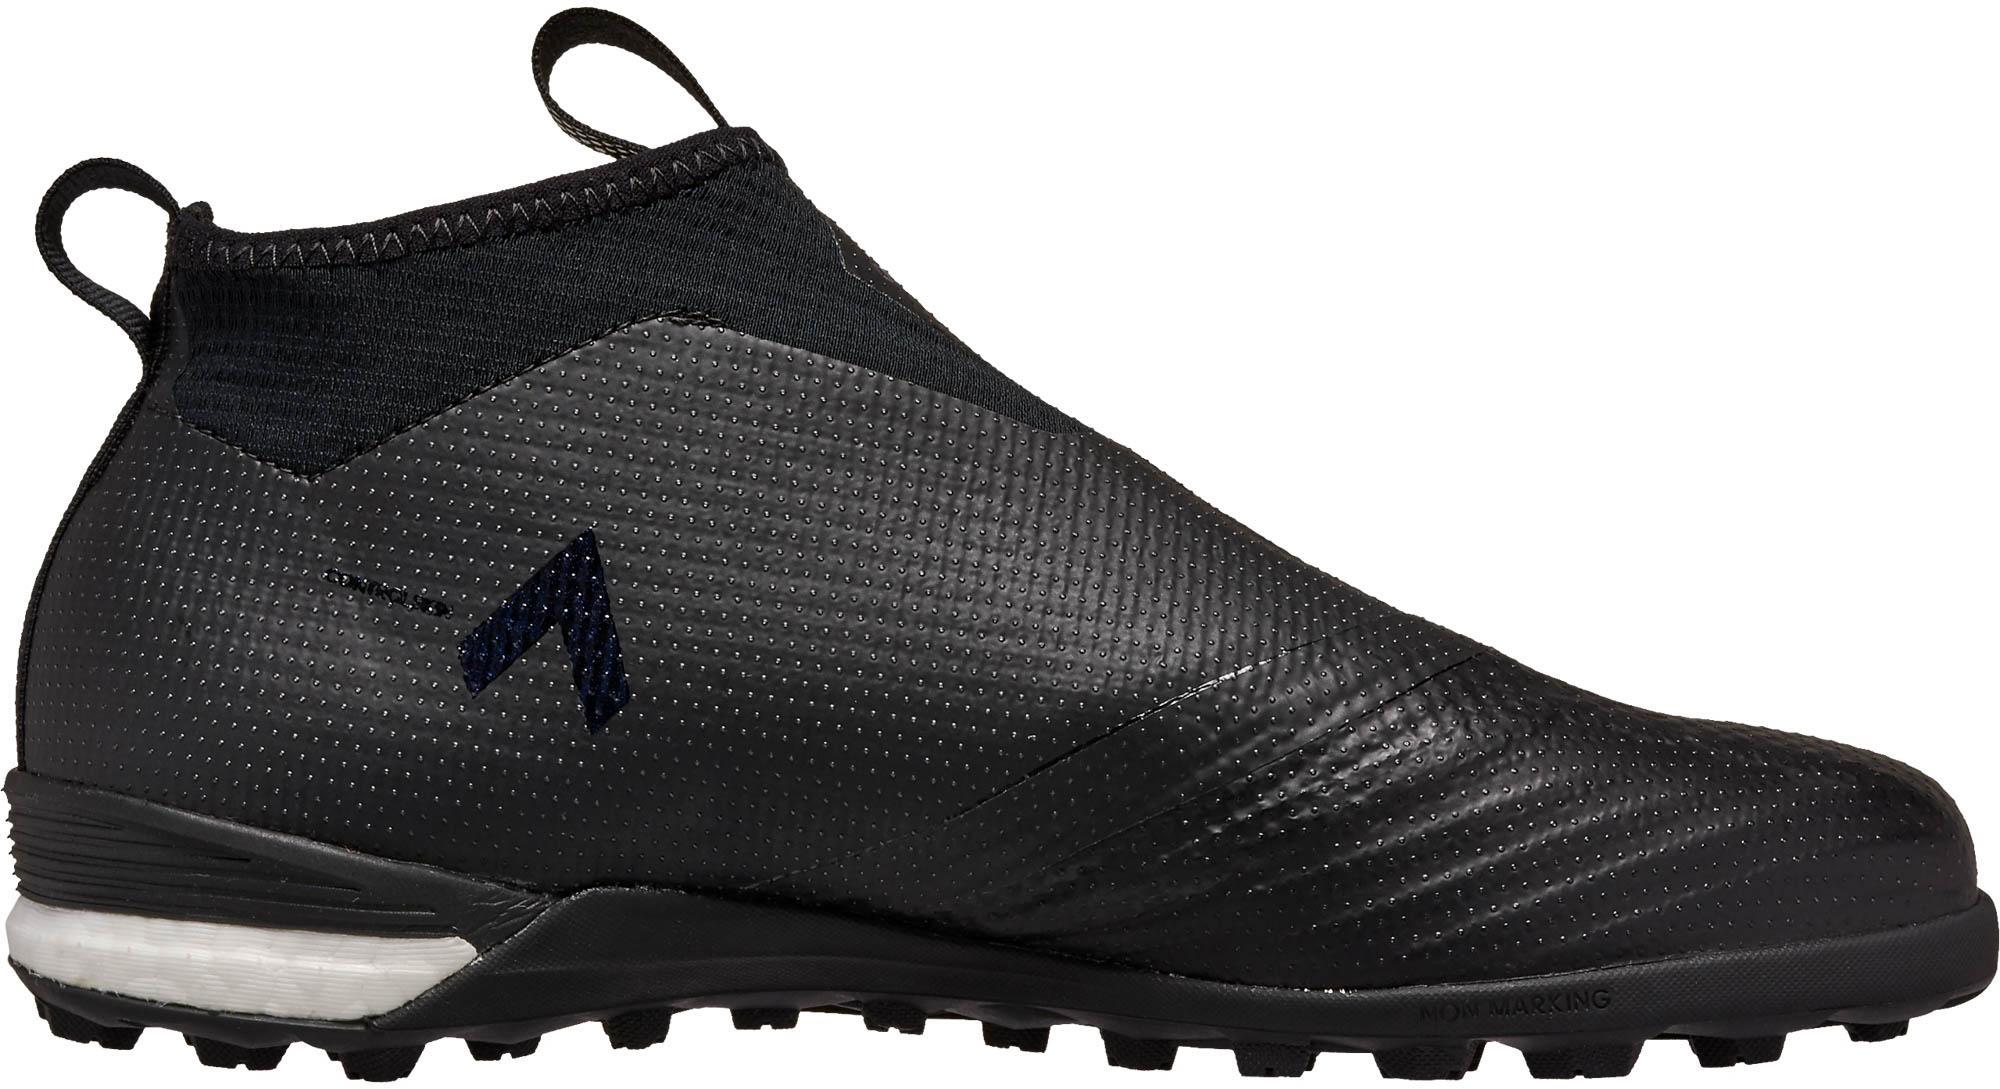 Adidas Ace Tango 17 + Purecontrol Tf Scarpe Nere, Maestro Di Calcio